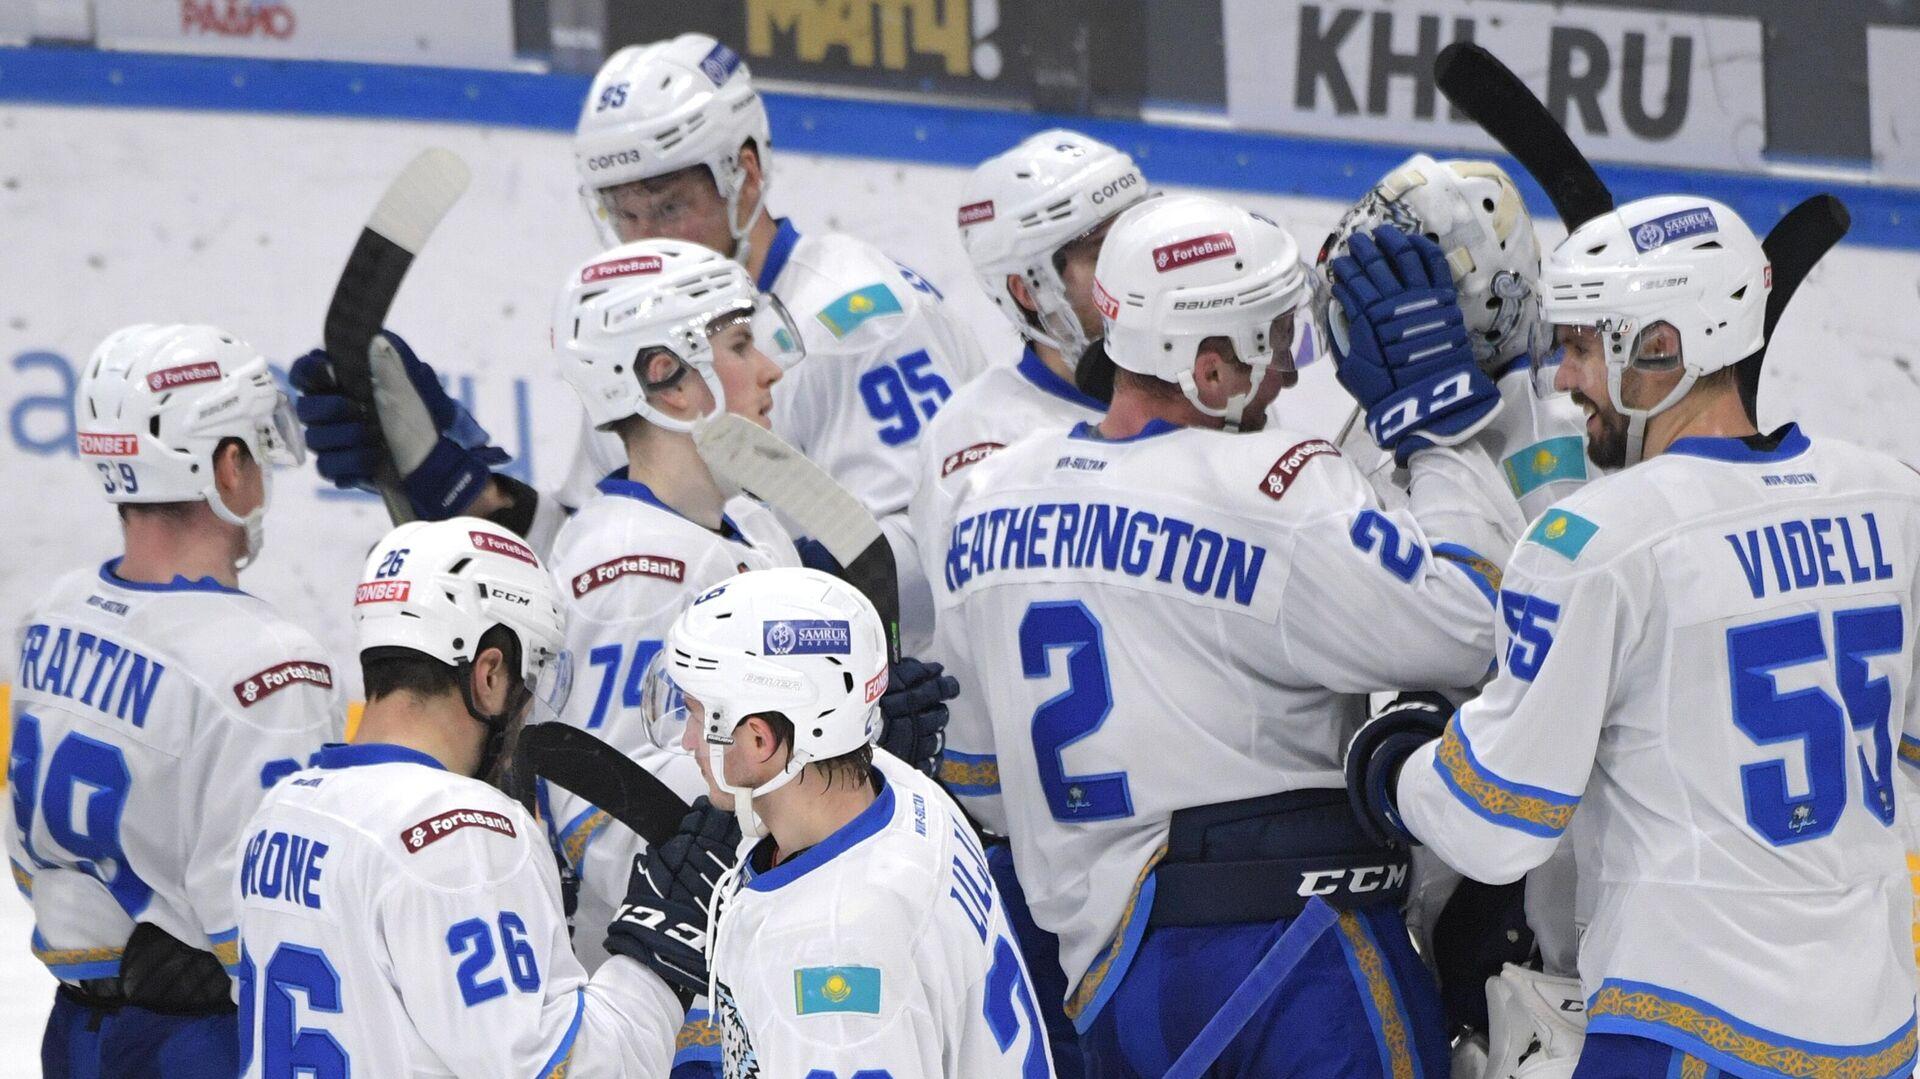 Игроки Барыса радуются победе в матче регулярного чемпионата КХЛ - РИА Новости, 1920, 25.02.2021